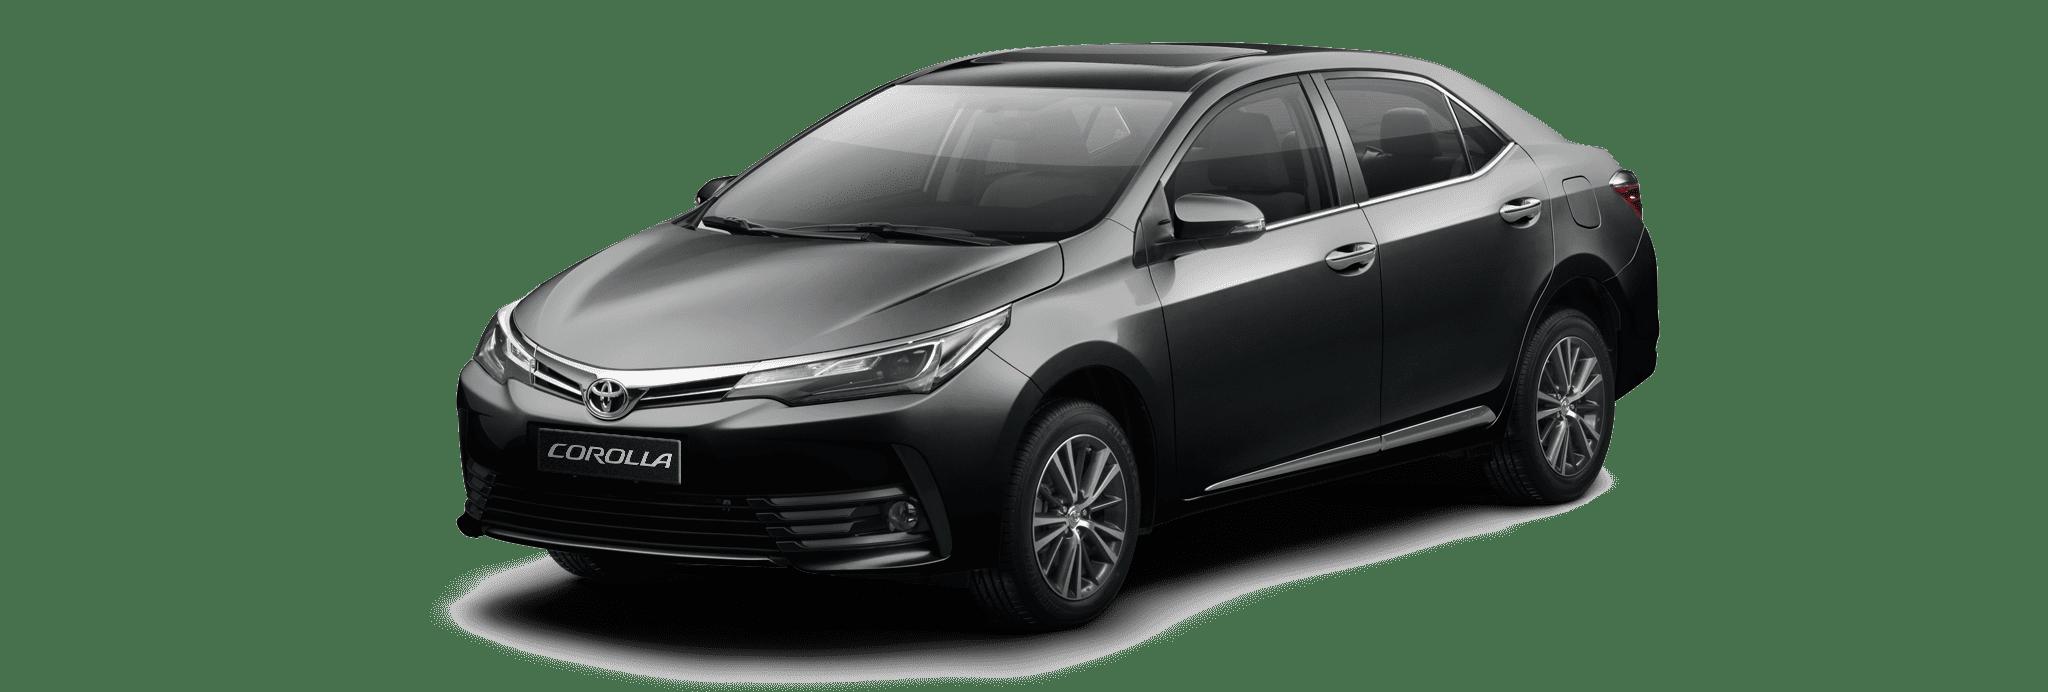 تويوتا كورولا 1.6L XLI CVT EXECUTIVE الجديدة 2019